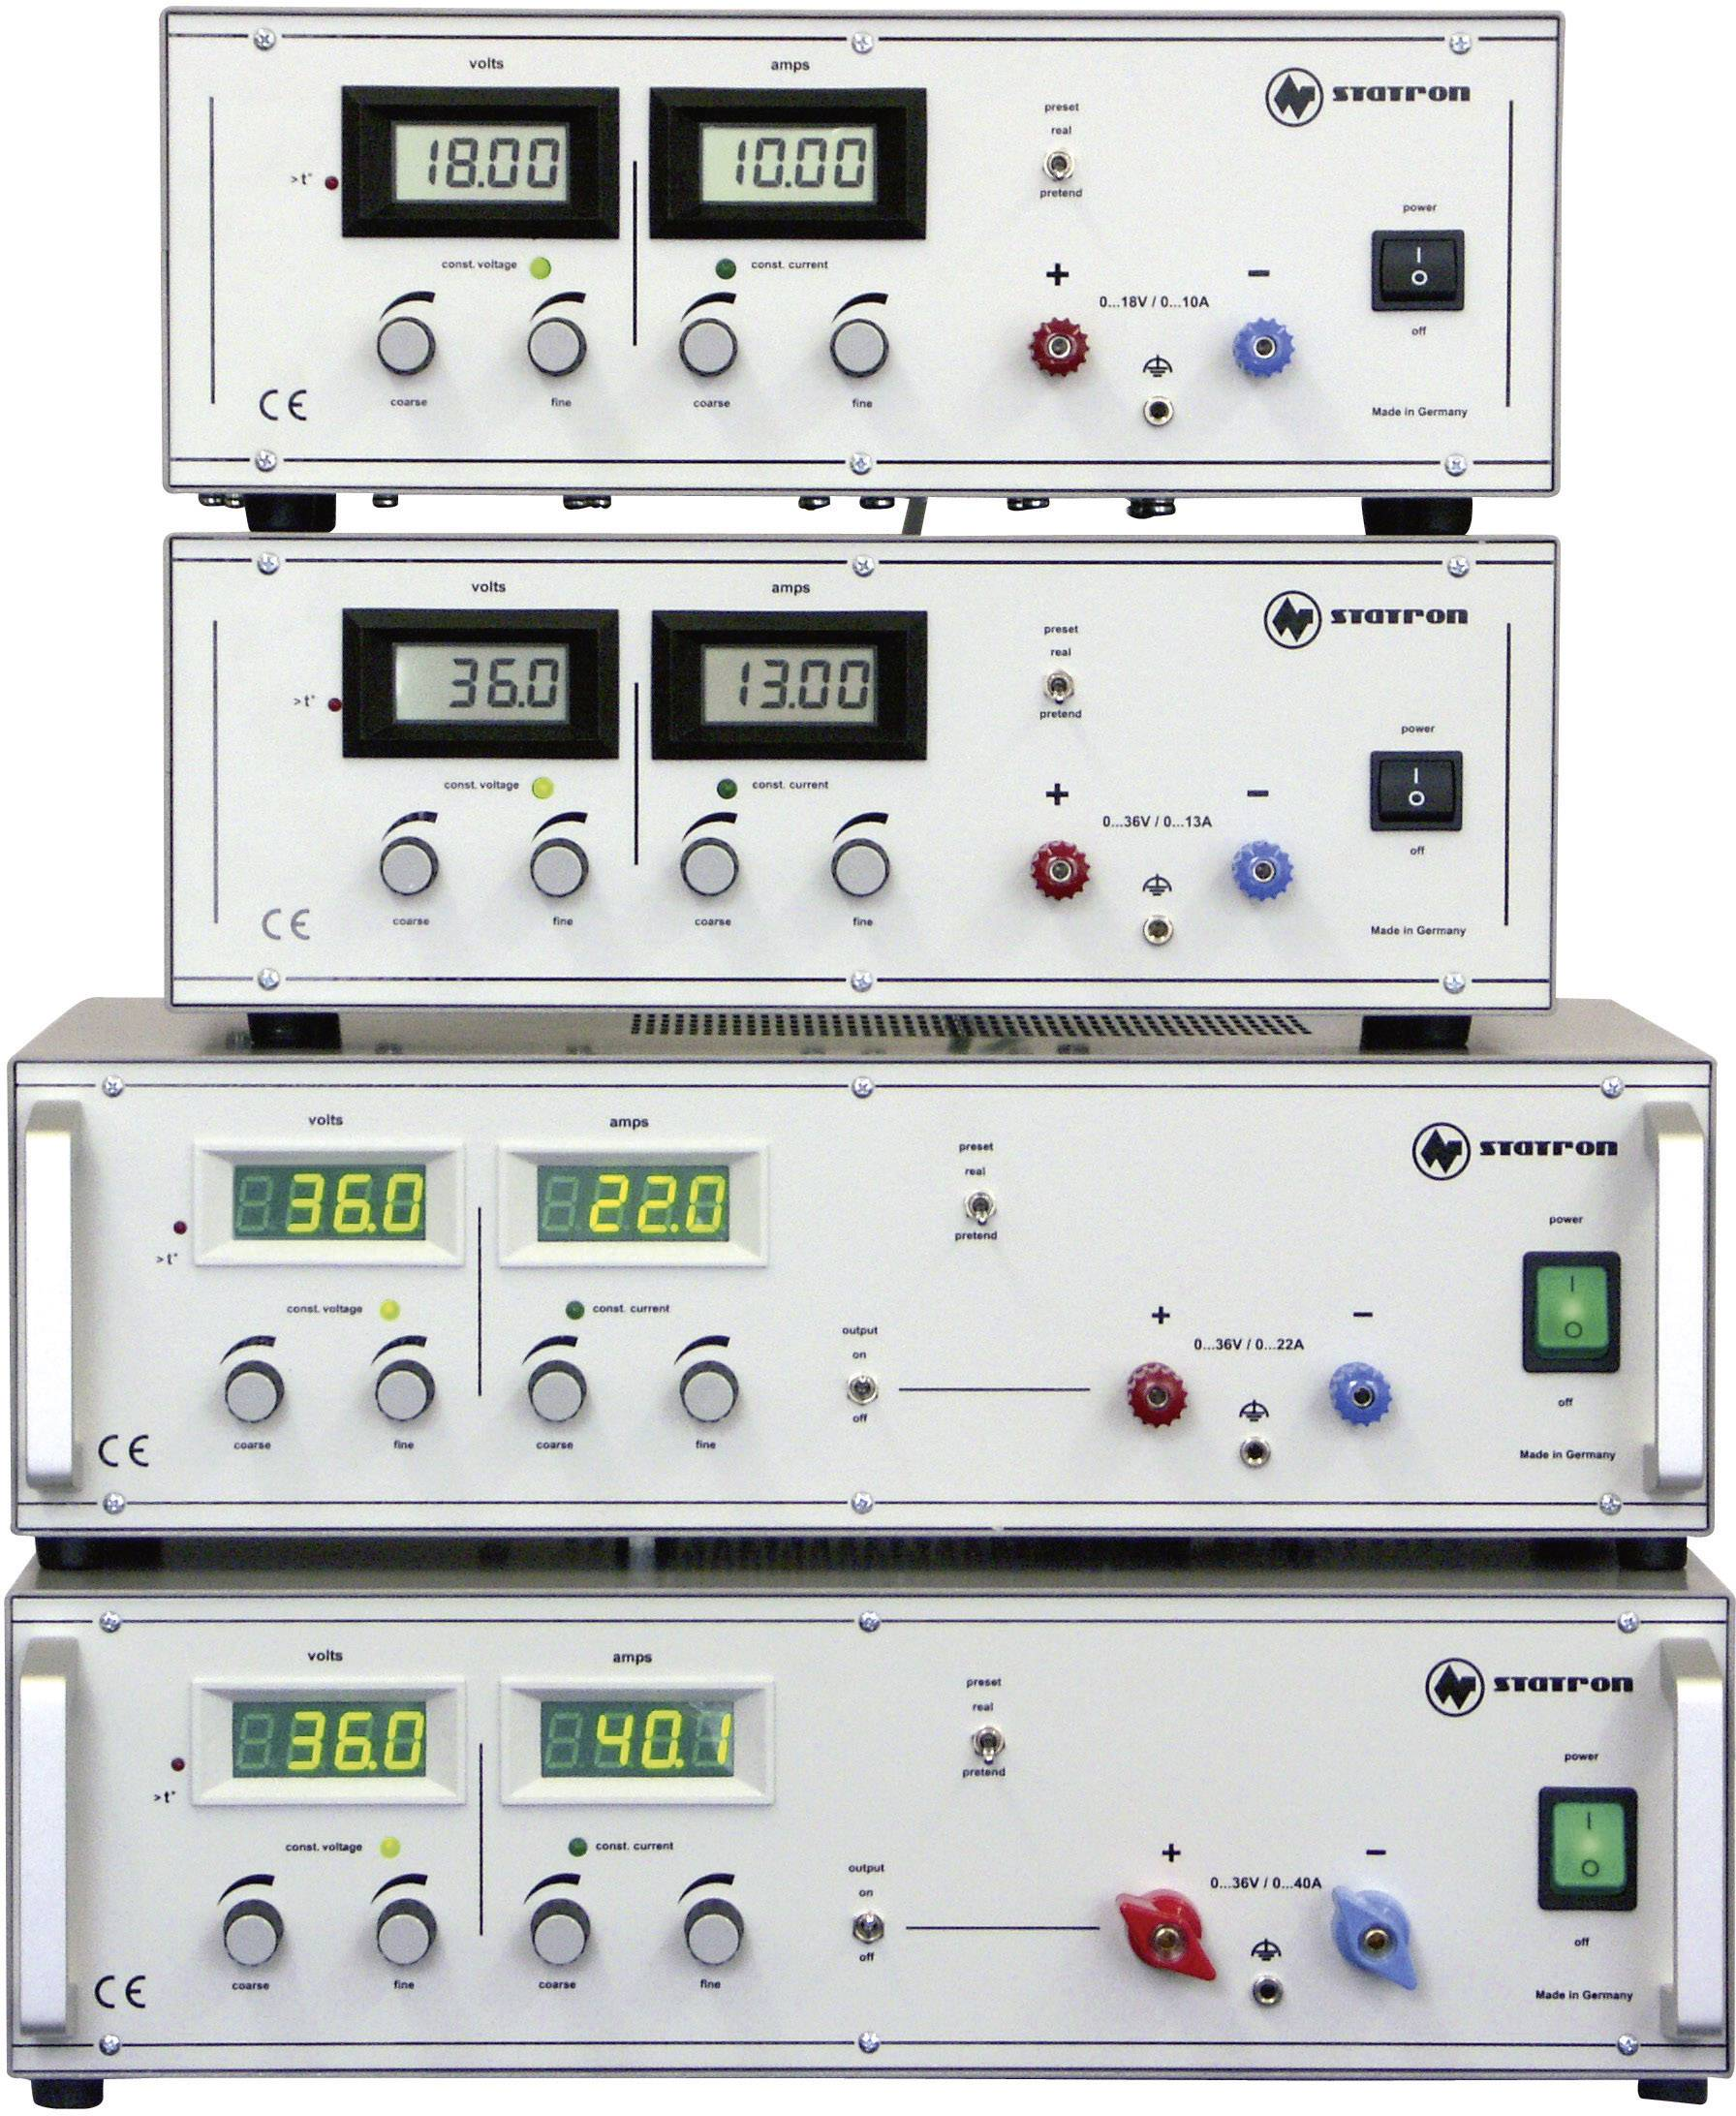 Lineárny laboratórny zdroj Straton 3250.0, 0 - 18 V, 0 - 10 A